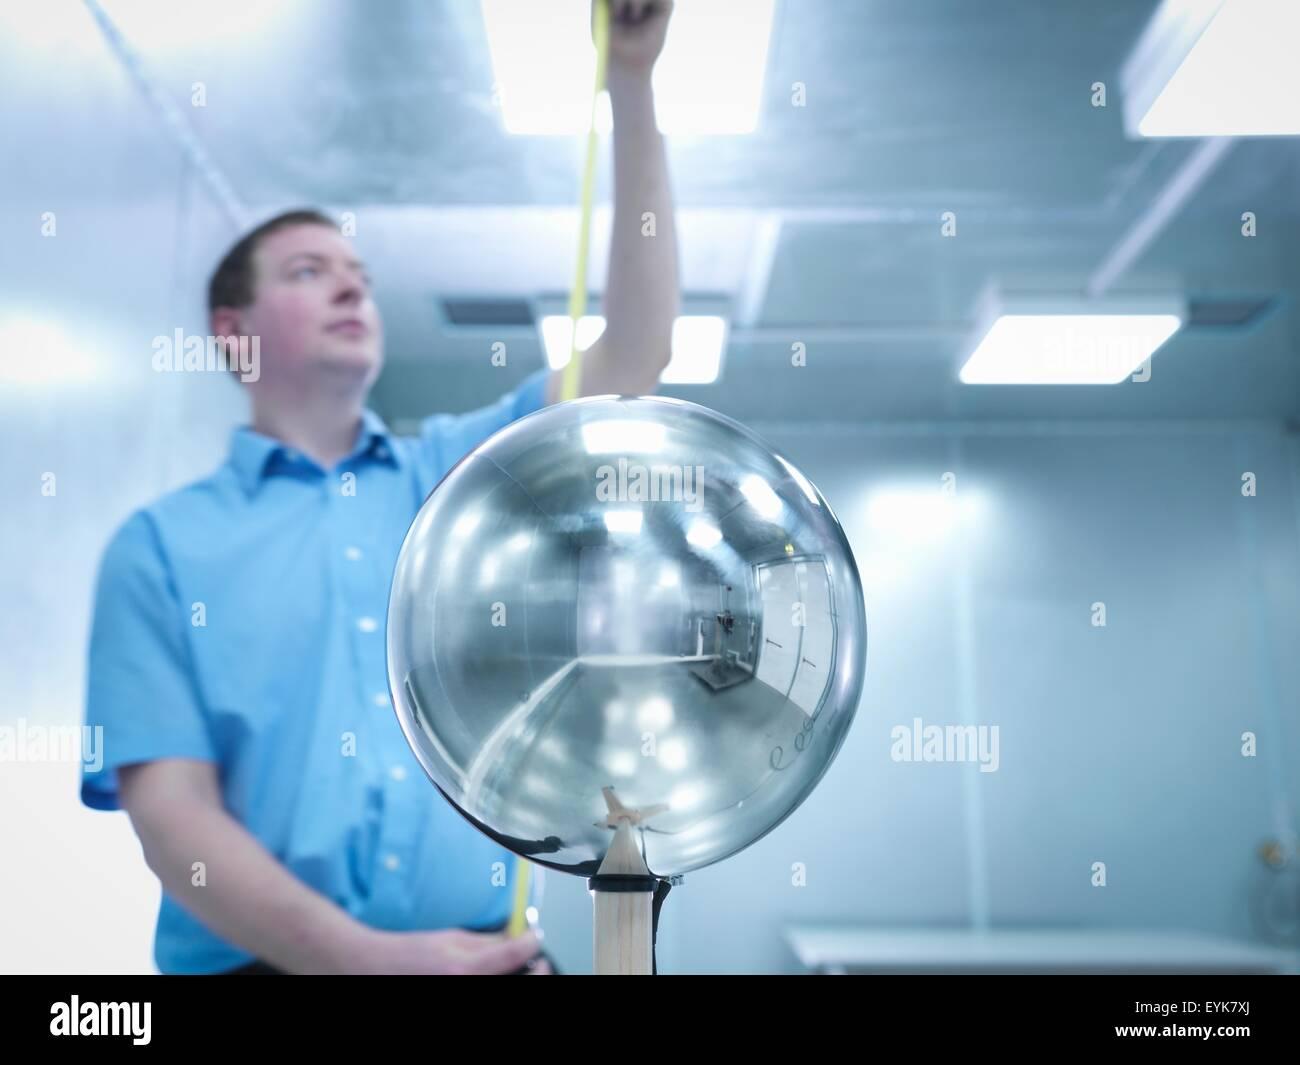 Ingenieur, die Überprüfung der Höhe der Ausrüstung unter Test (EUV) mit Van Der Hoofden Head Stockbild